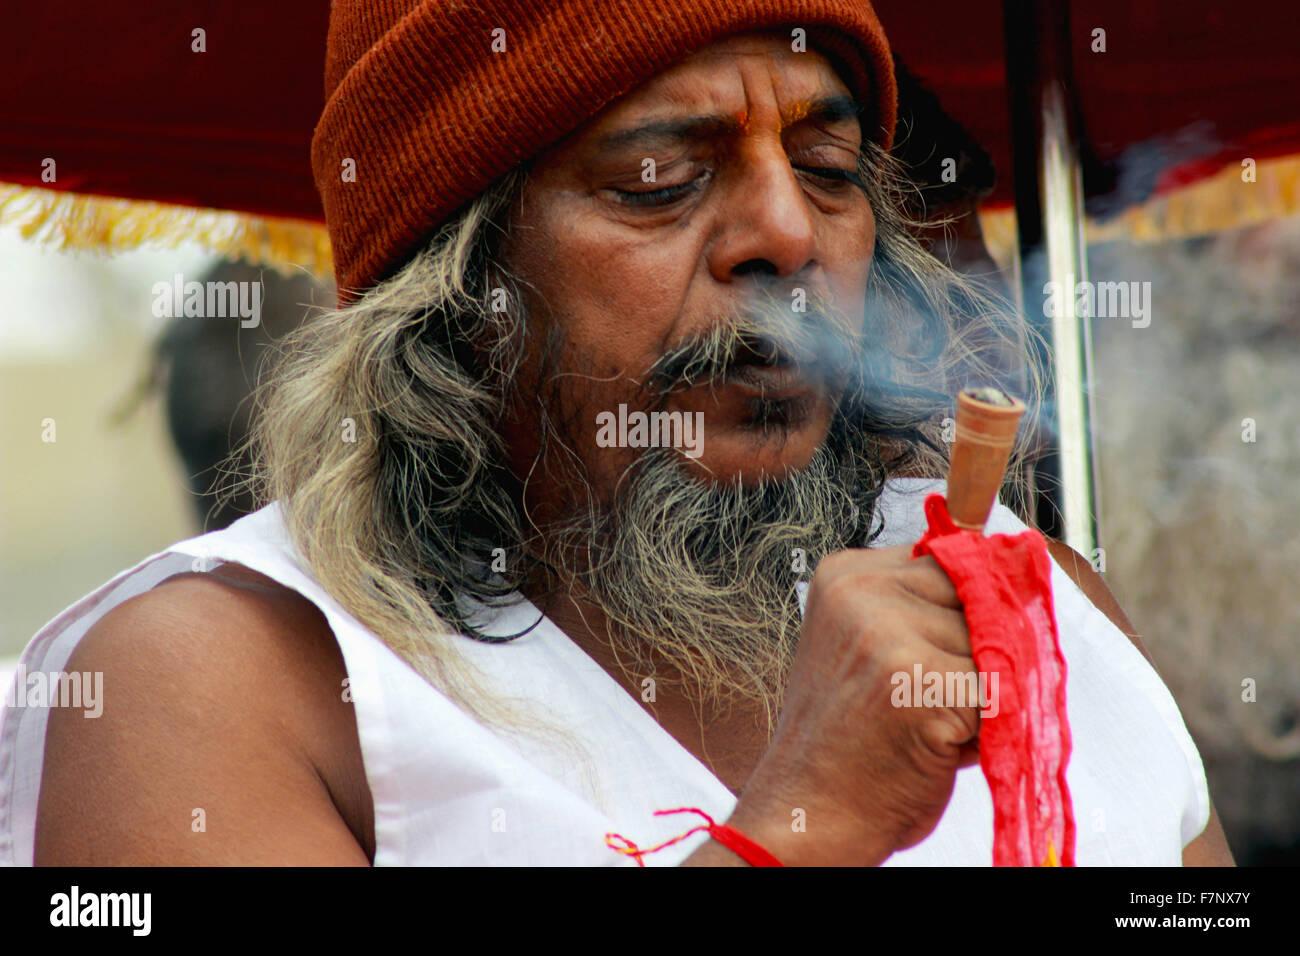 Sadhu smoking chillum Kumbh Mela, Nasik, Maharashtra, India Stock Photo